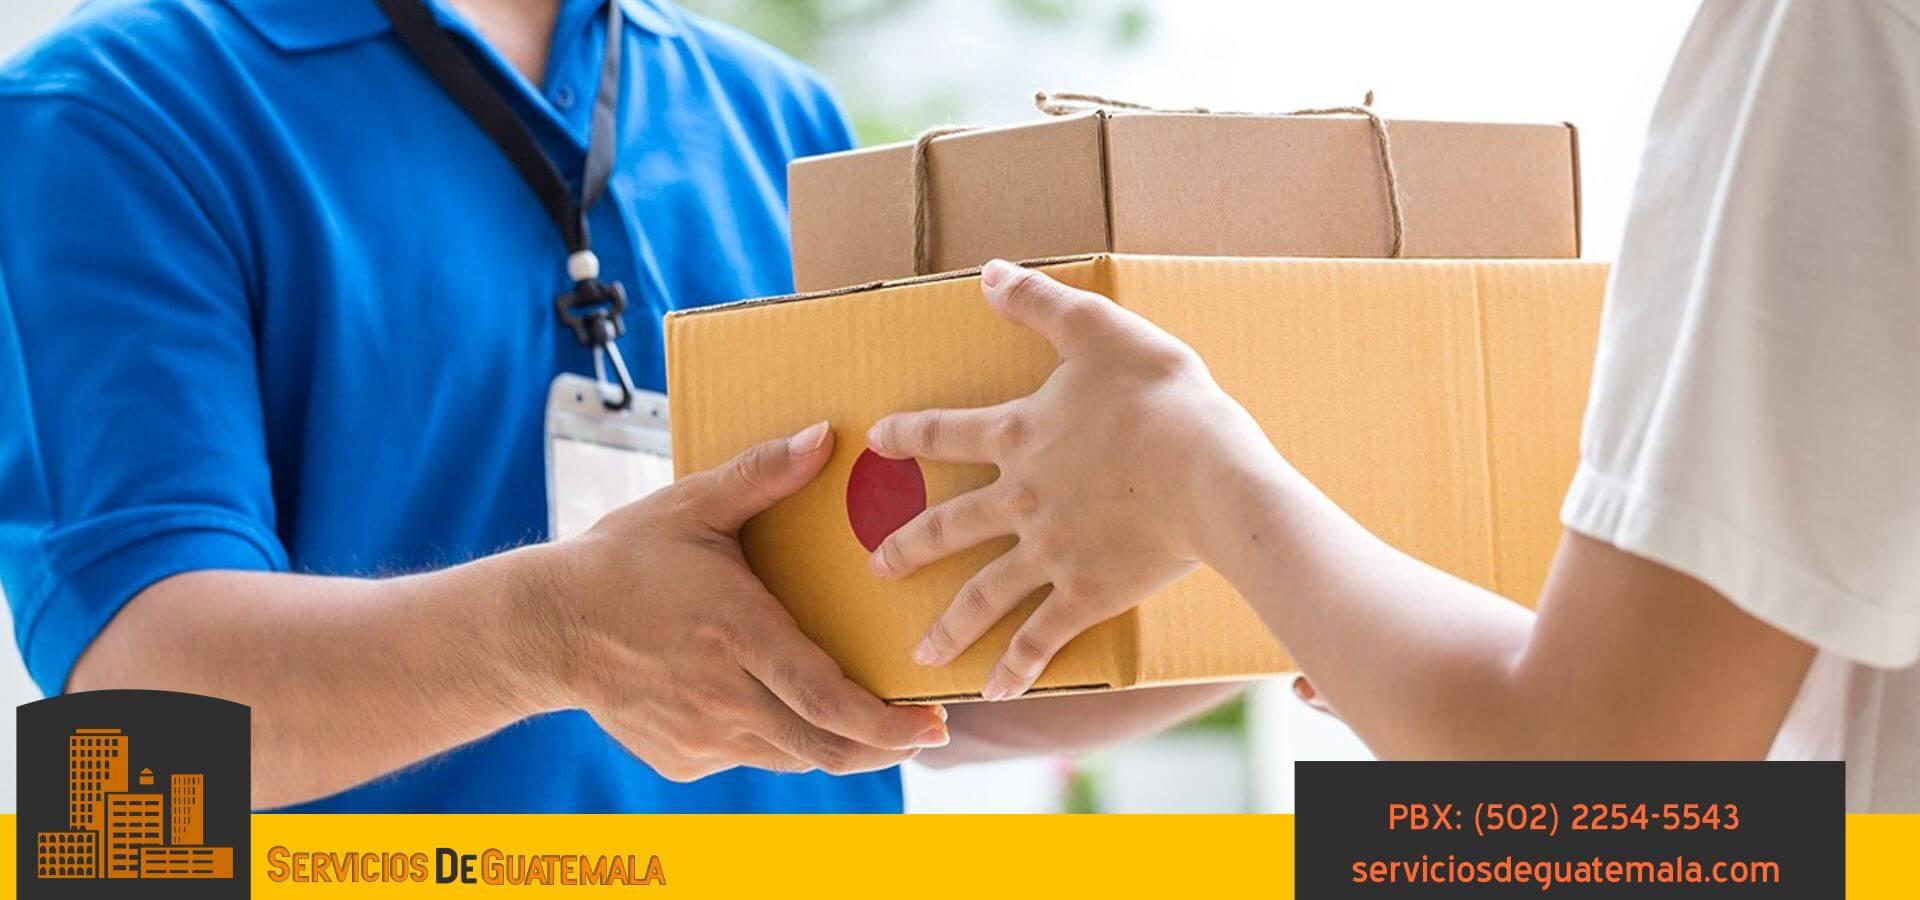 Mensajeria_Servicios_de_mensajeria_en_moto_mensajeros_entregas_rapidas_servicio_express_mensajeria_guatemala_mensajeria_y_paqueteria_servicios_de_guatemala